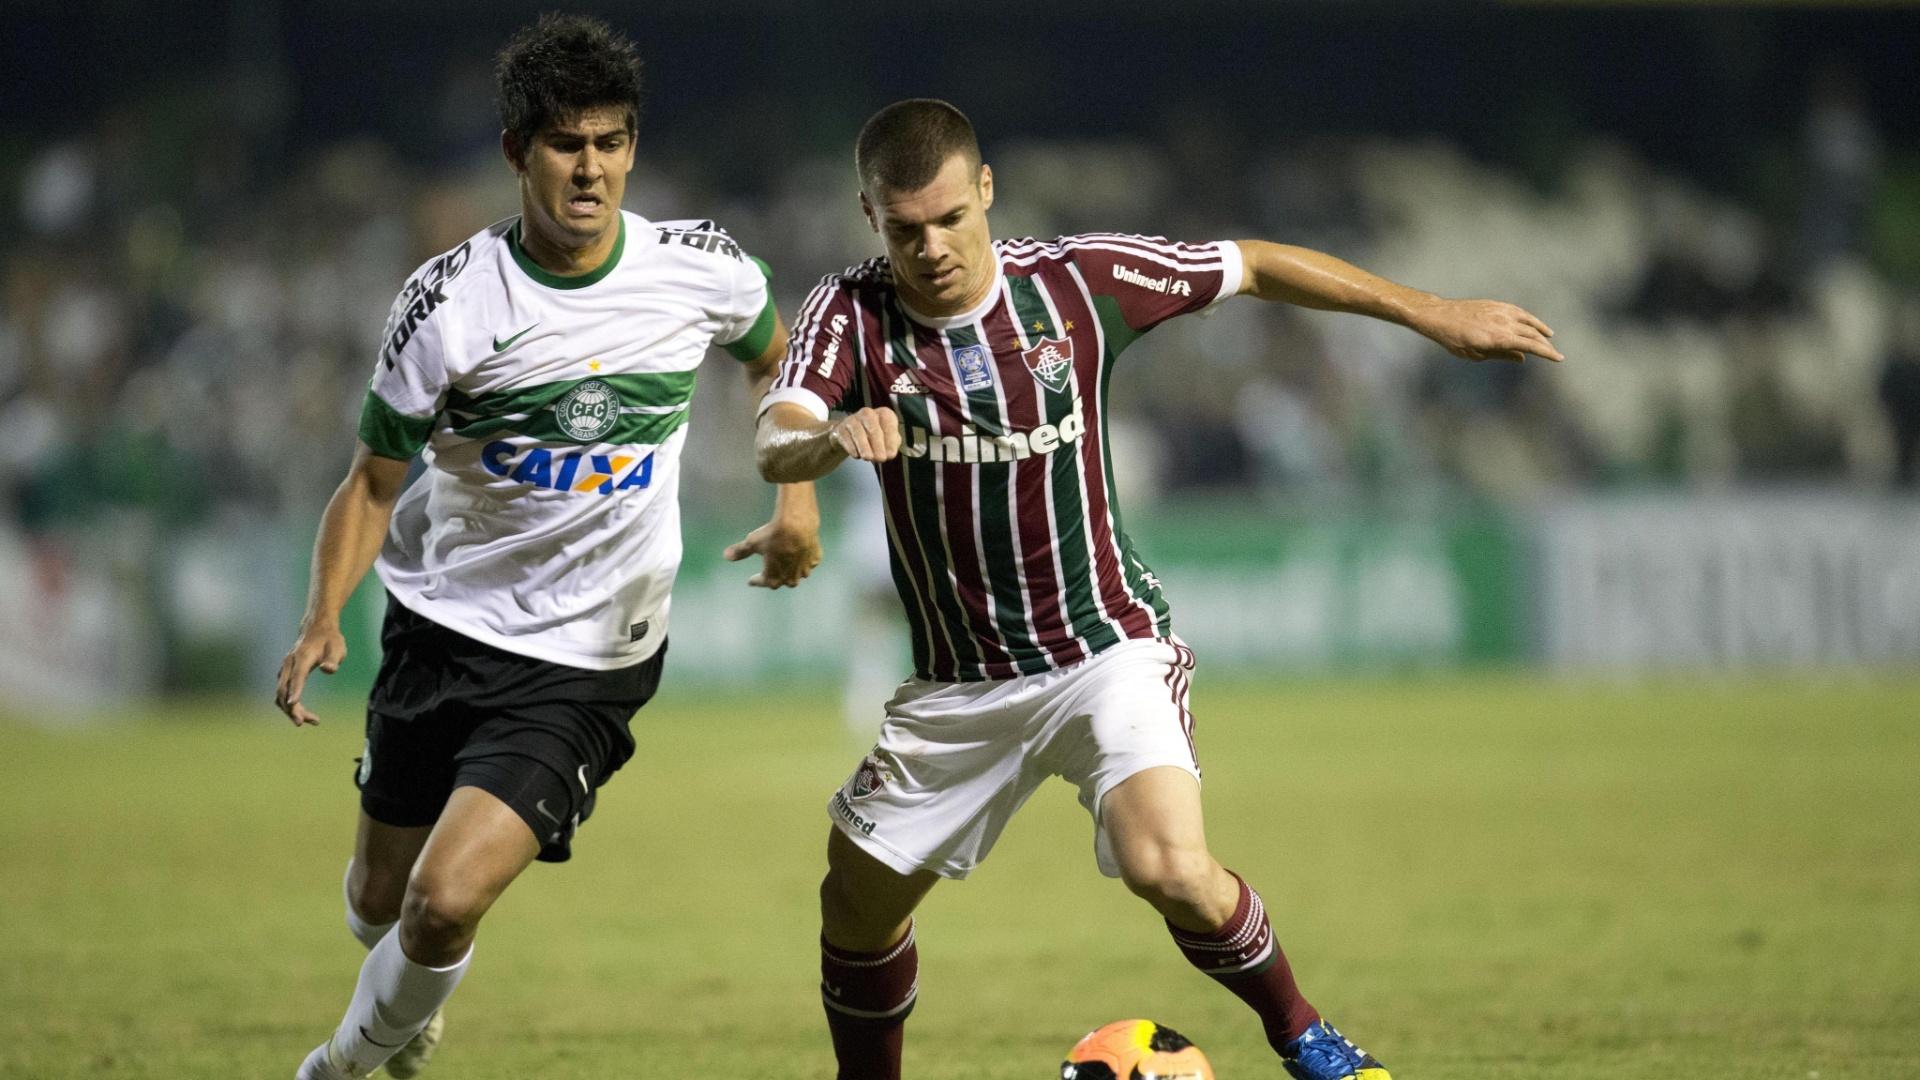 06.06.13 - Wágner tenta fazer jogada na partida entre Fluminense e Coritiba pelo Brasileirão